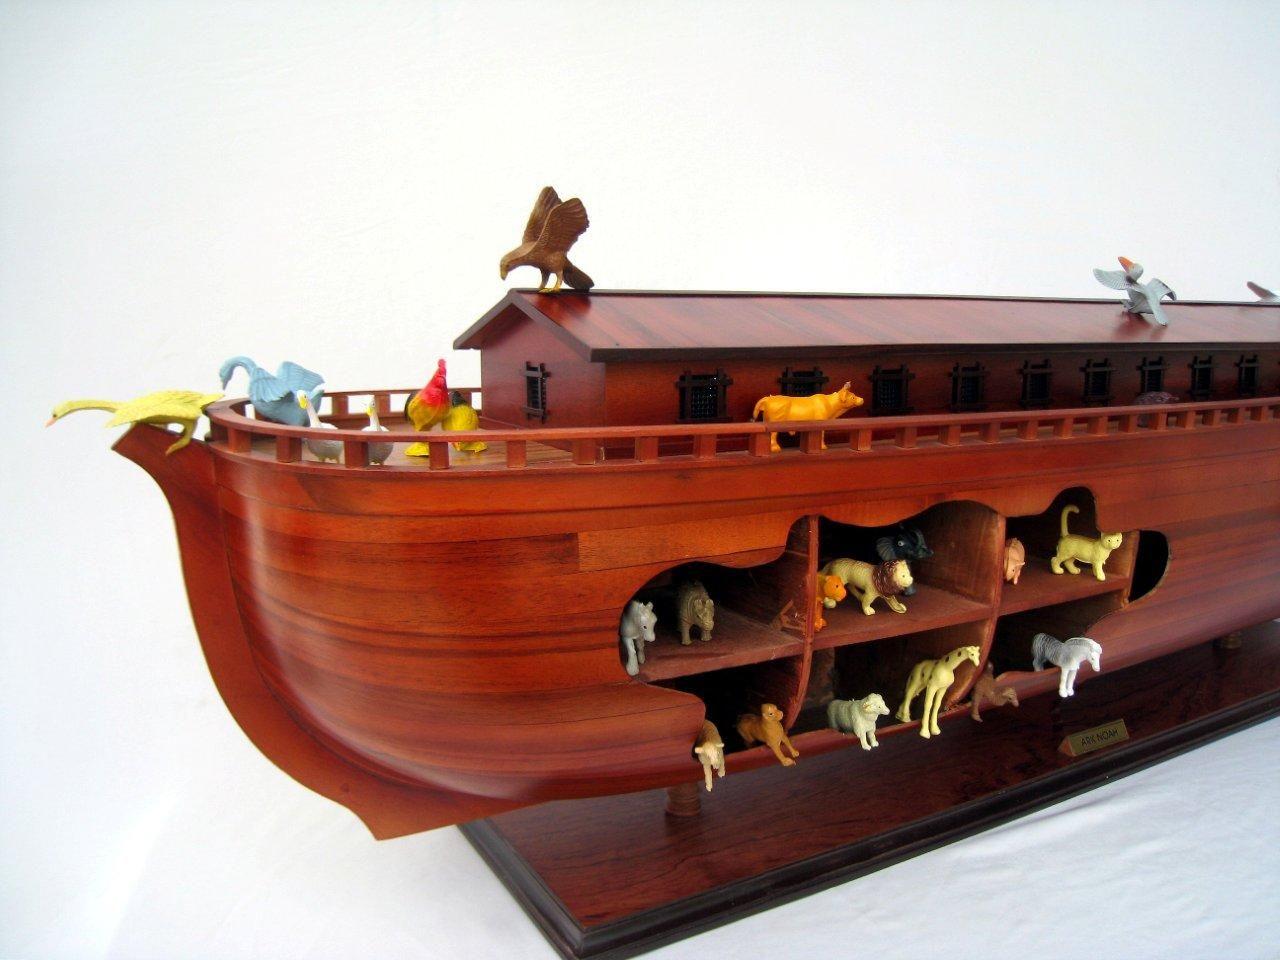 2043-12574-Noahs-Ark-Model-Boat